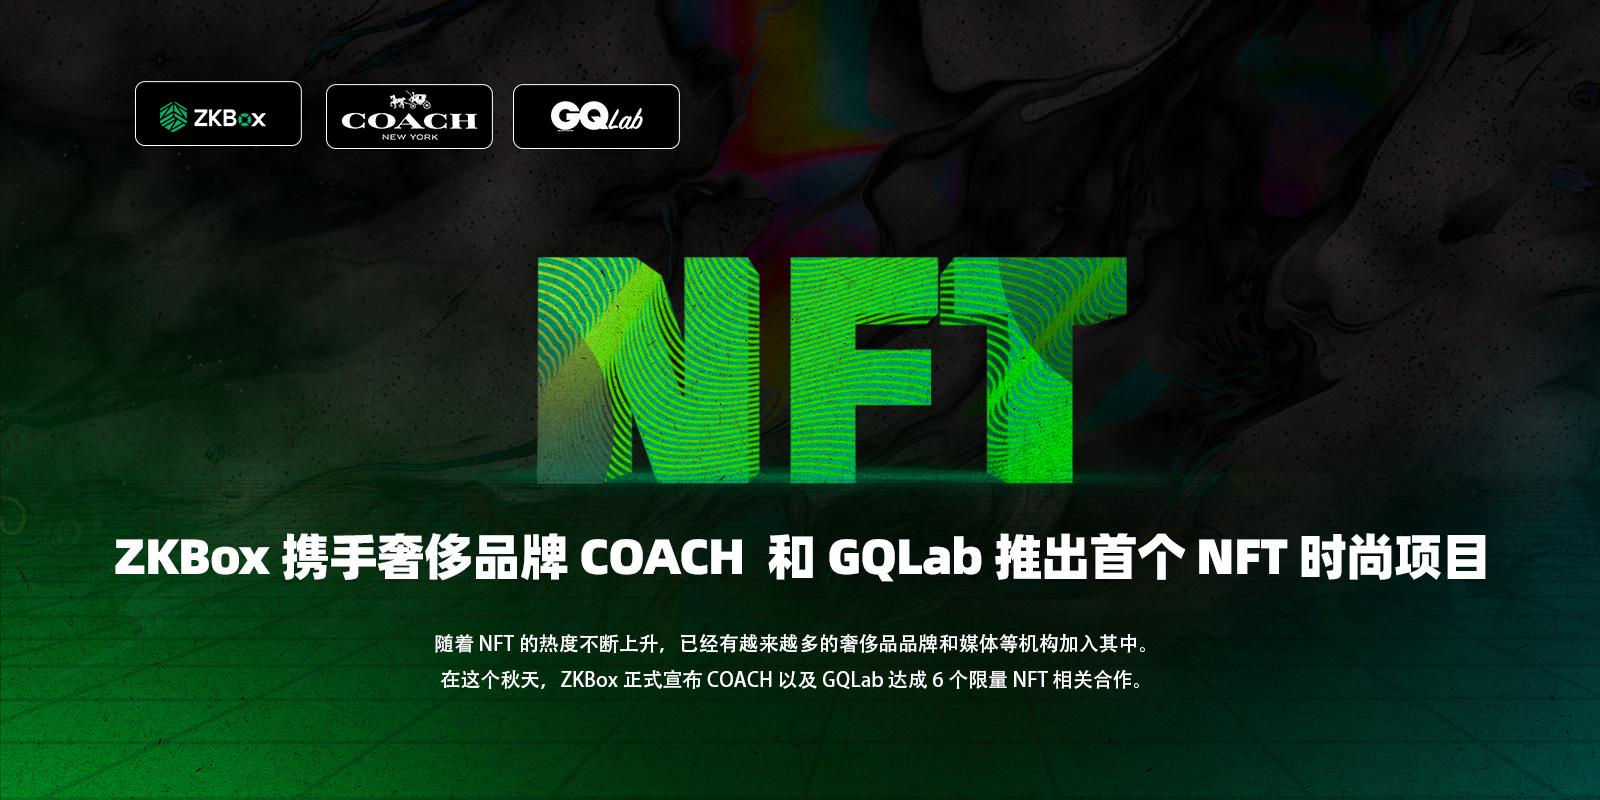 ZKBox 携手奢侈品牌COACH中国、GQLab推出首个NFT时尚项目